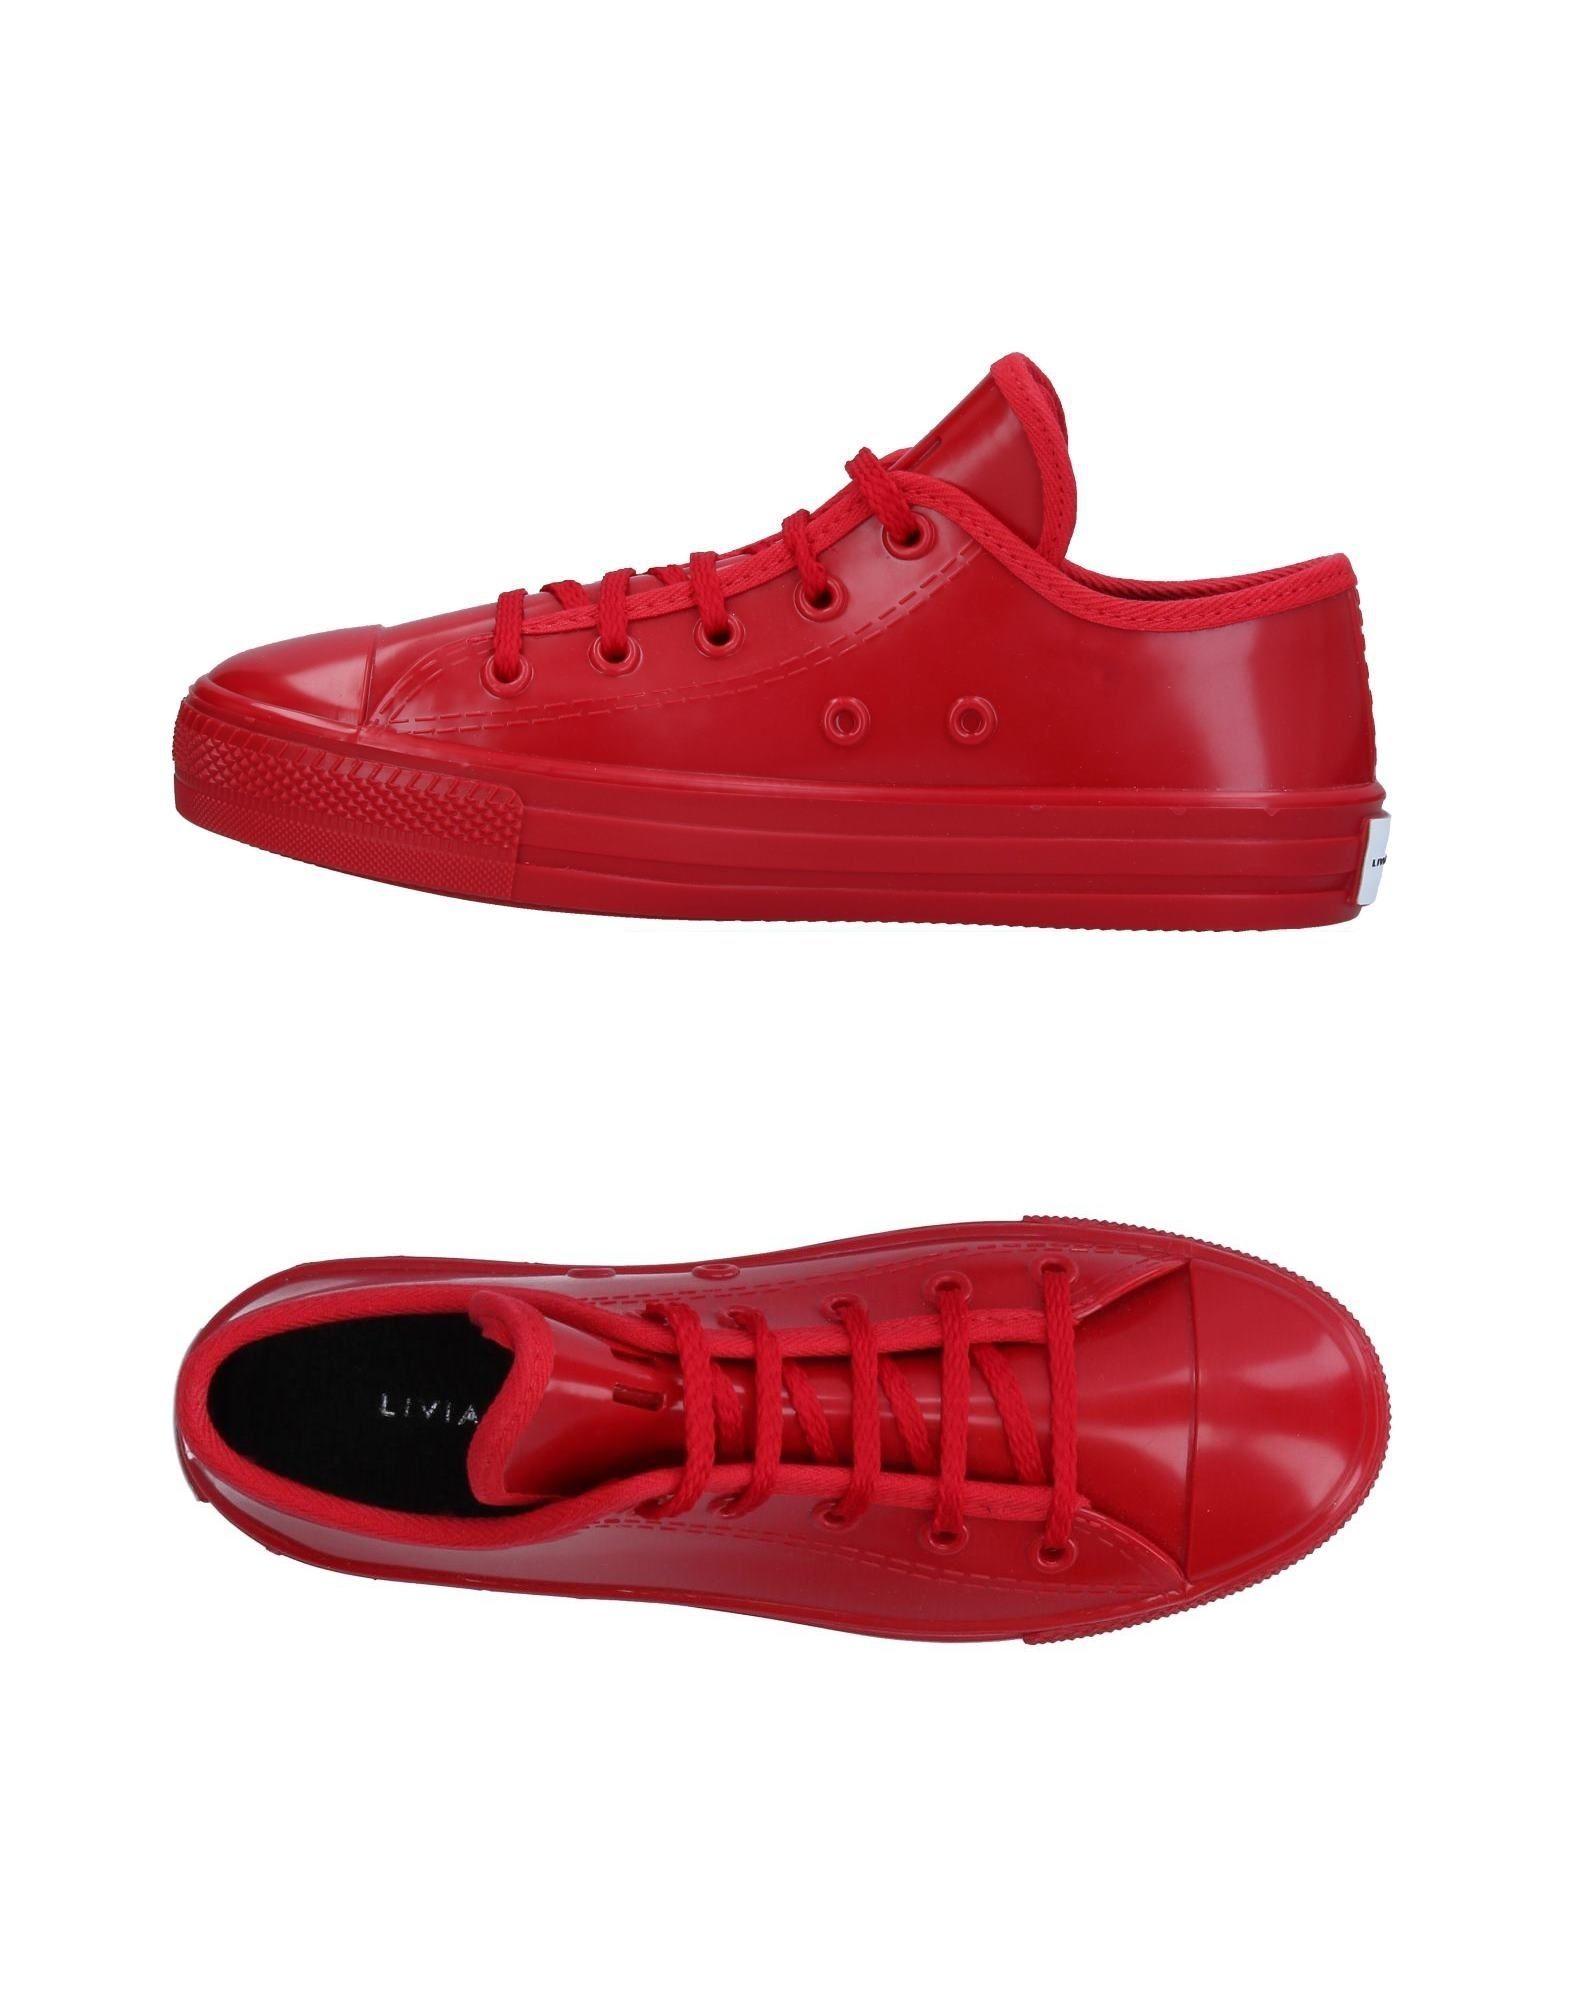 Sneakers Liviana Conti Donna Donna Conti - 11367705IK e2c4d0